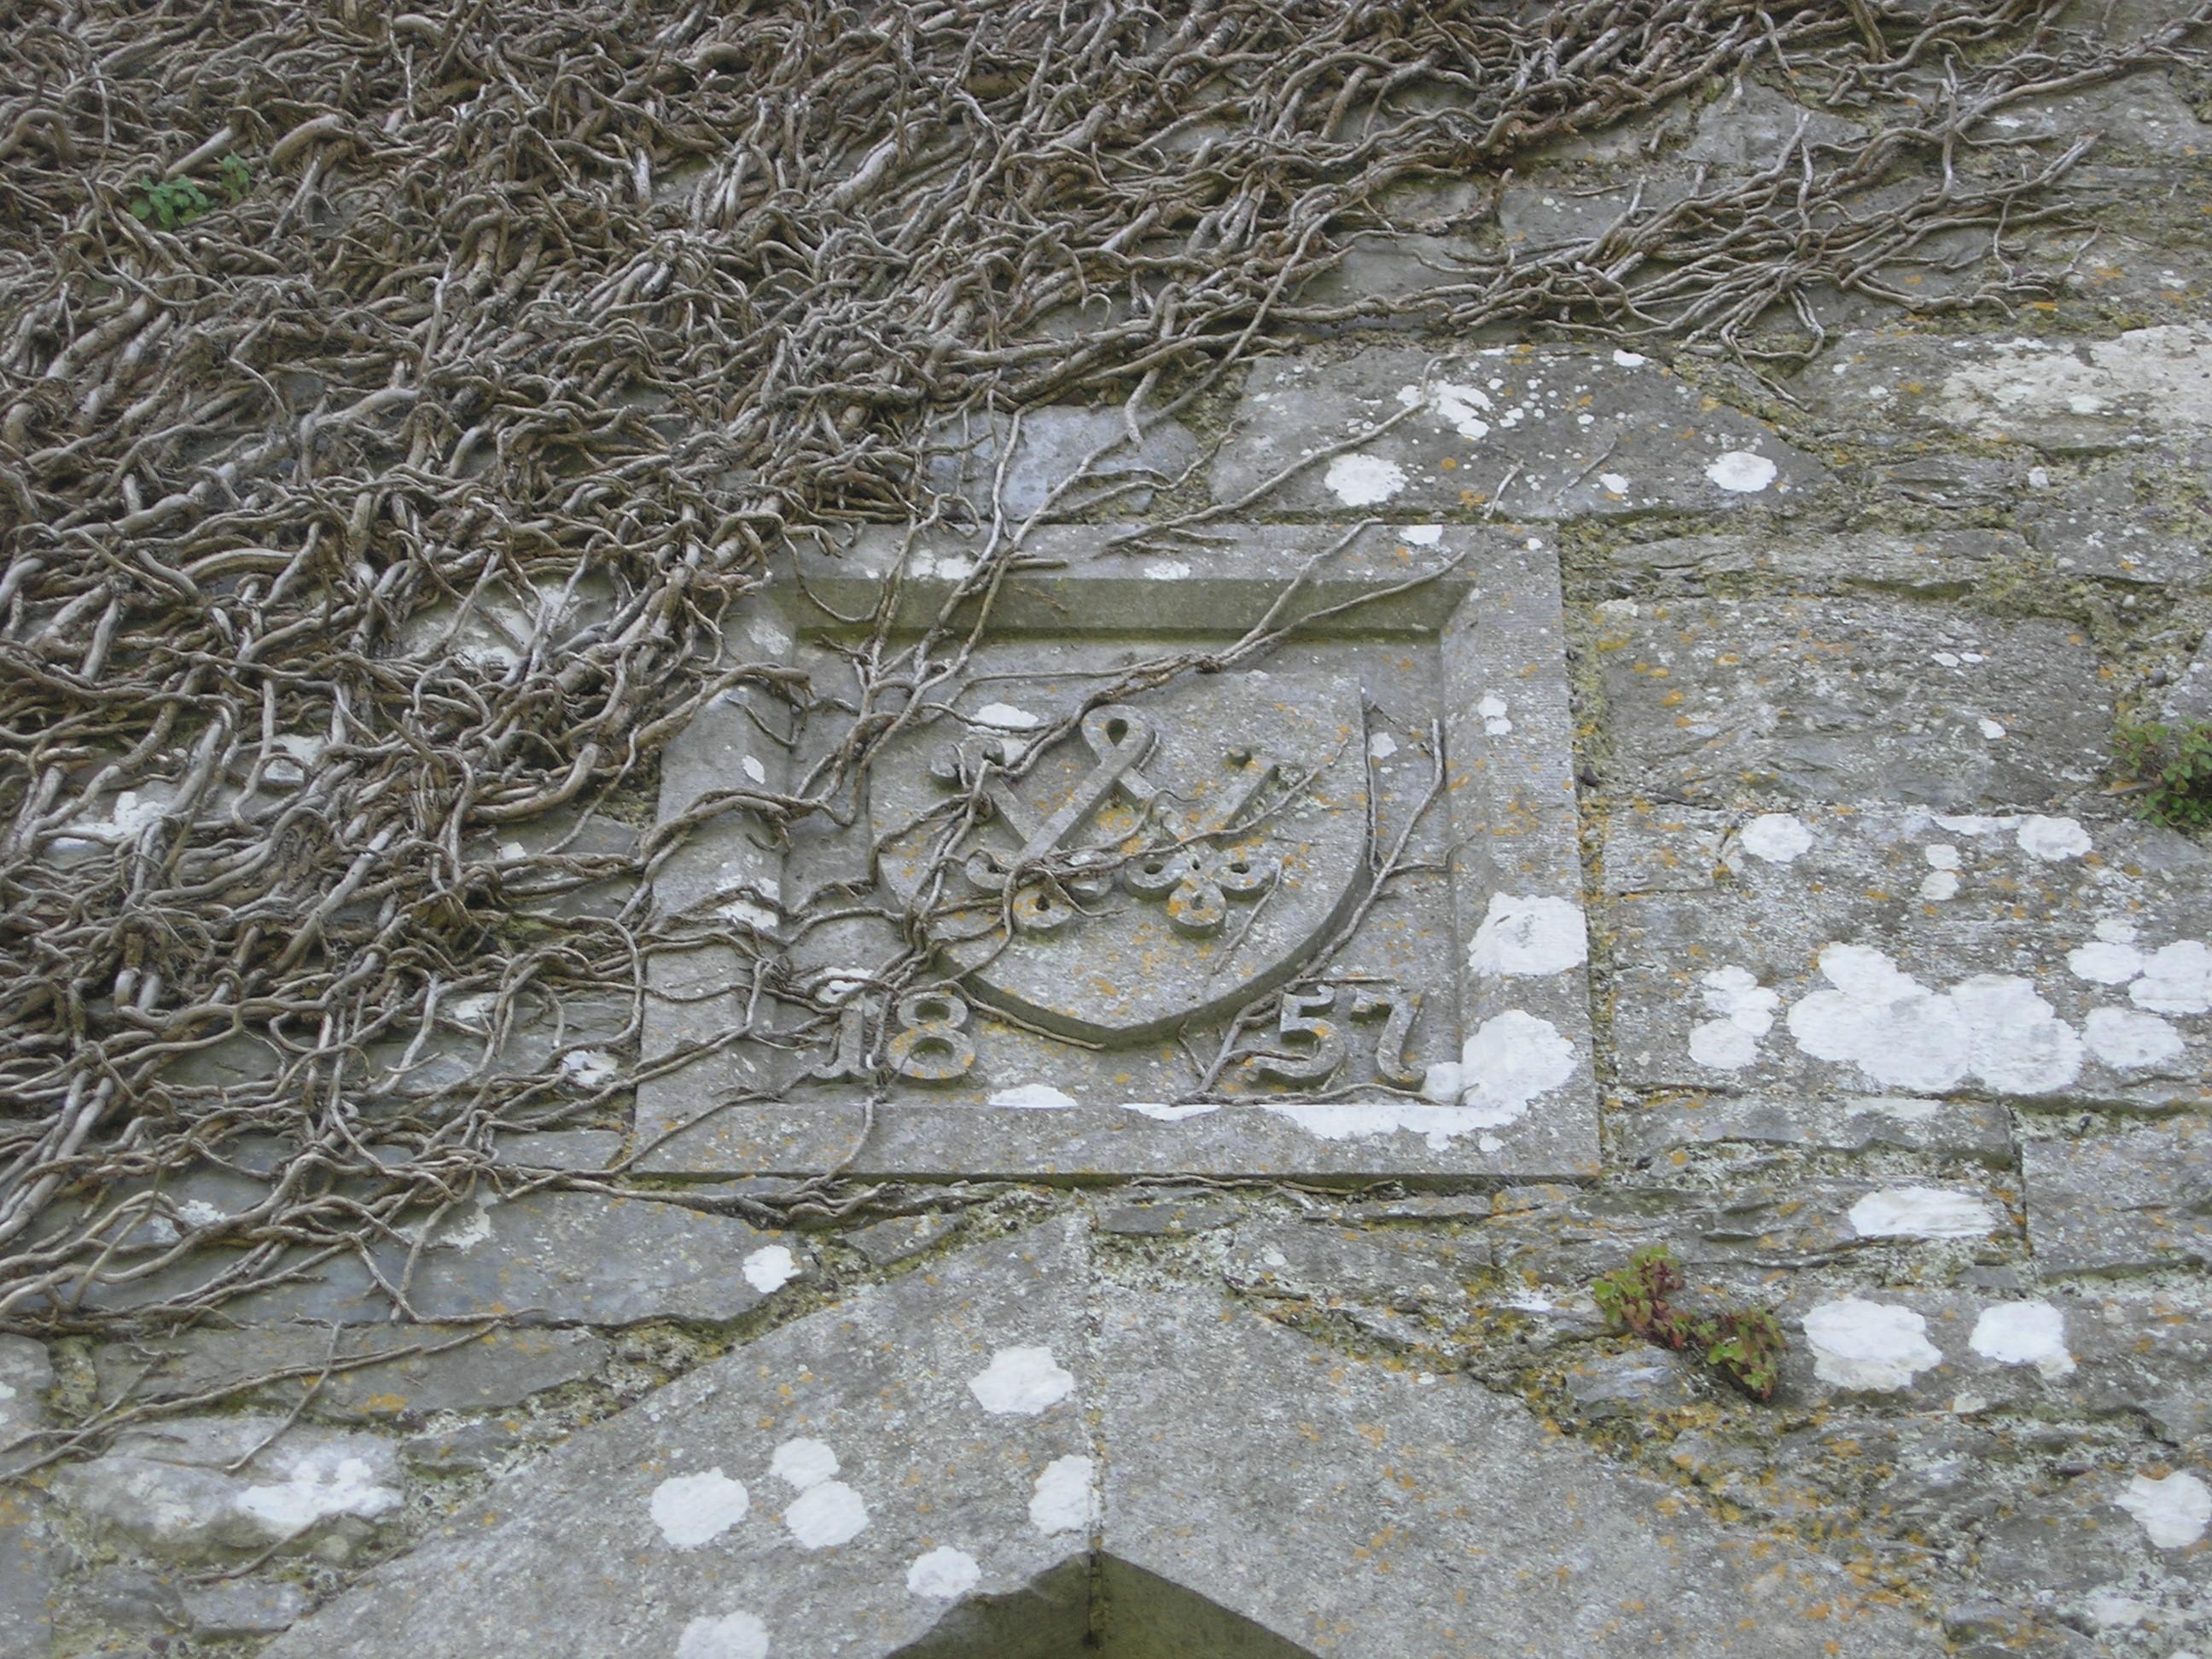 CARRIGROHANE, BALLINCOLLIG, COUNTY CORK, IRELAND